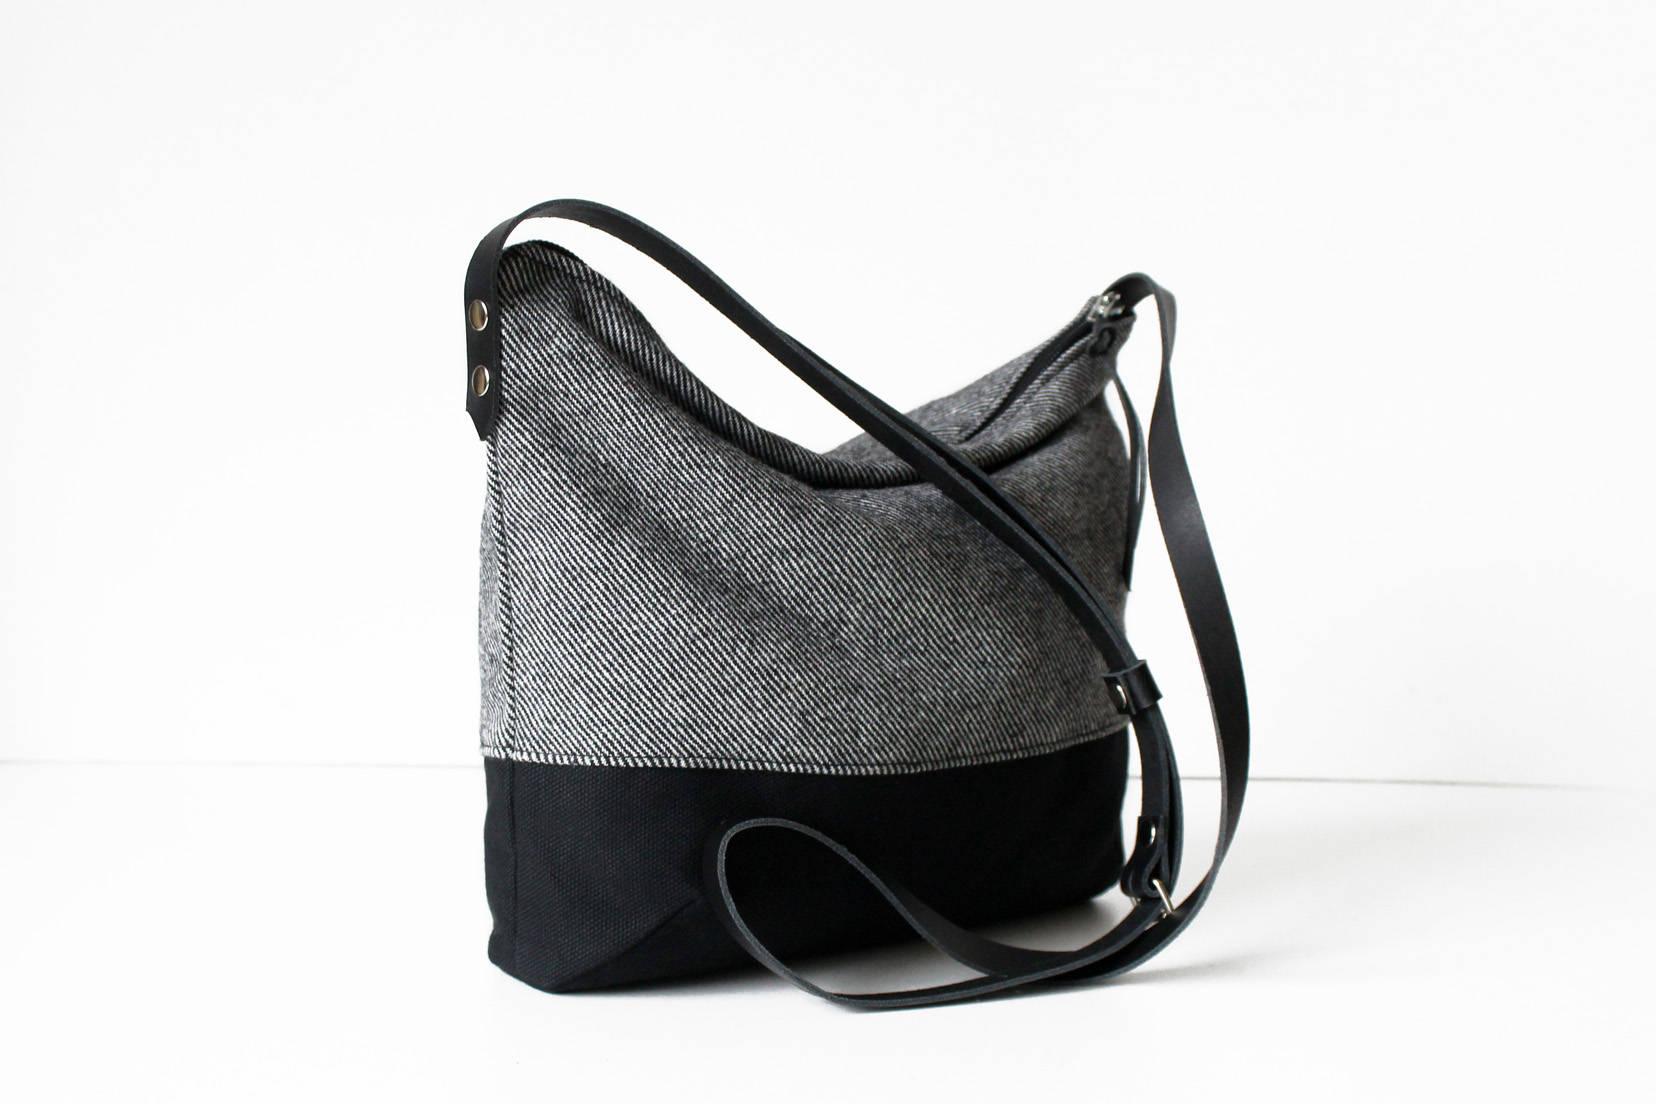 Umhängetasche Crossbody Tasche schwarz grau Stoff